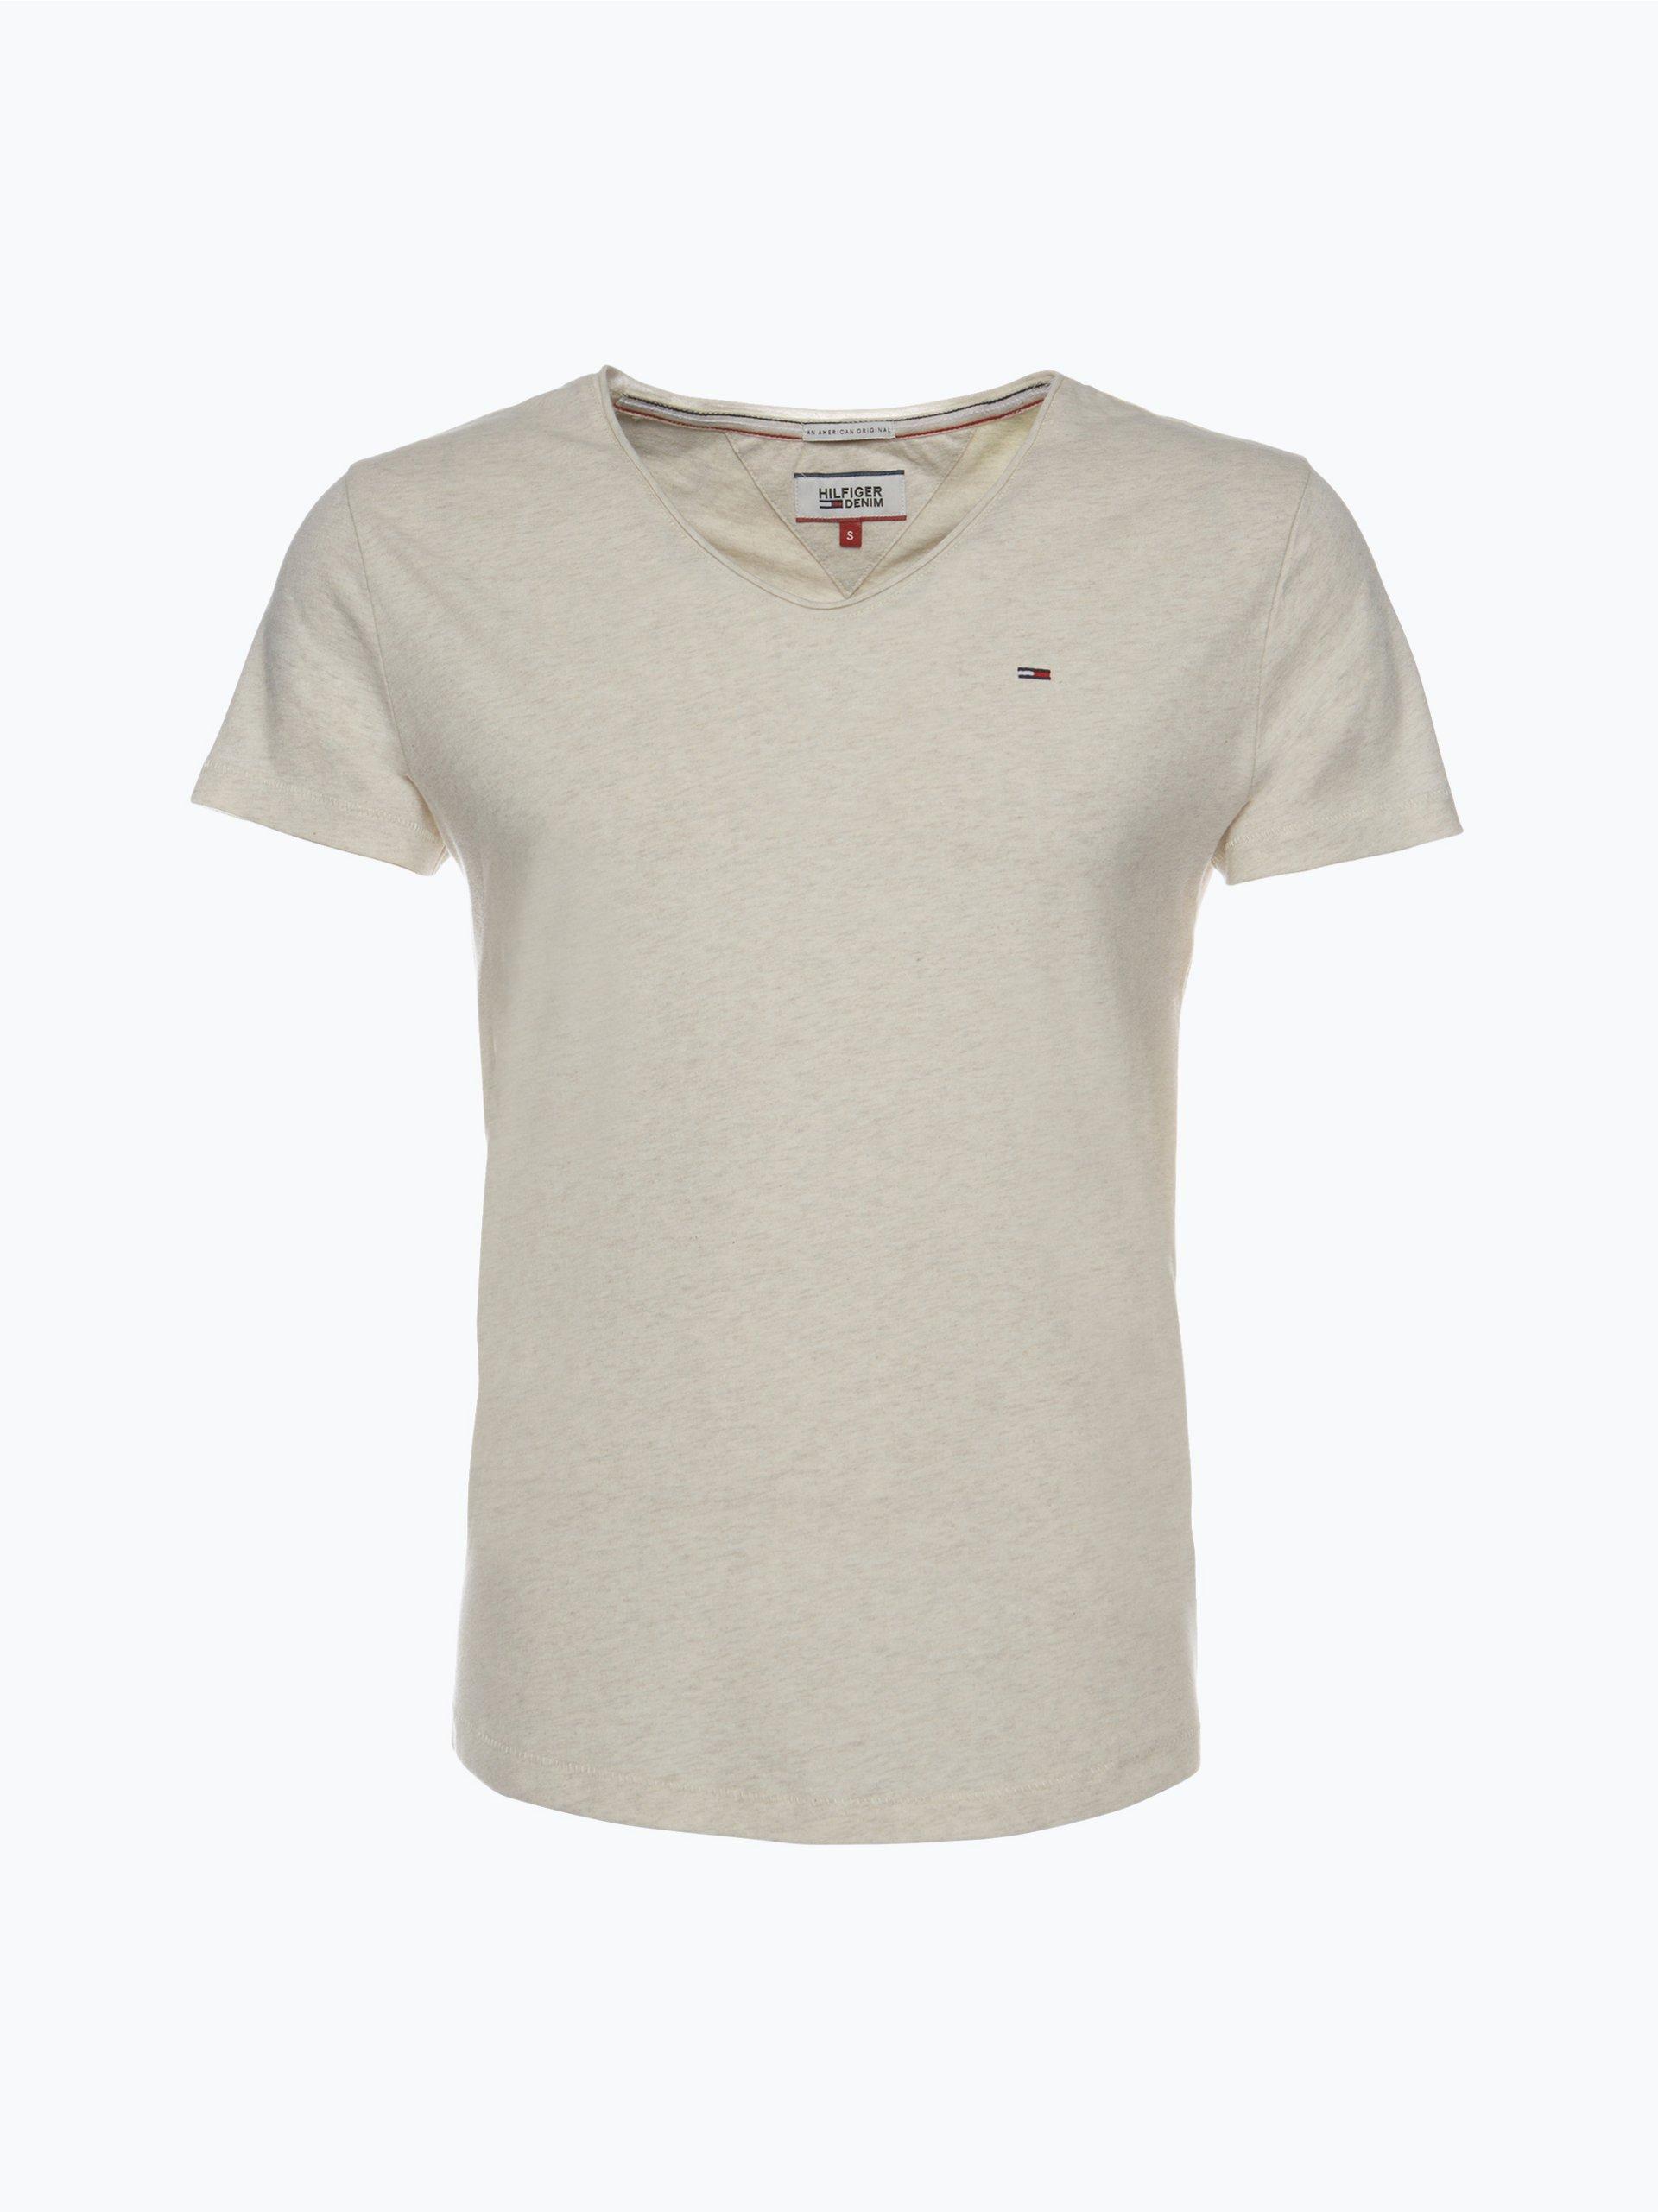 Hilfiger Denim Herren T-Shirt